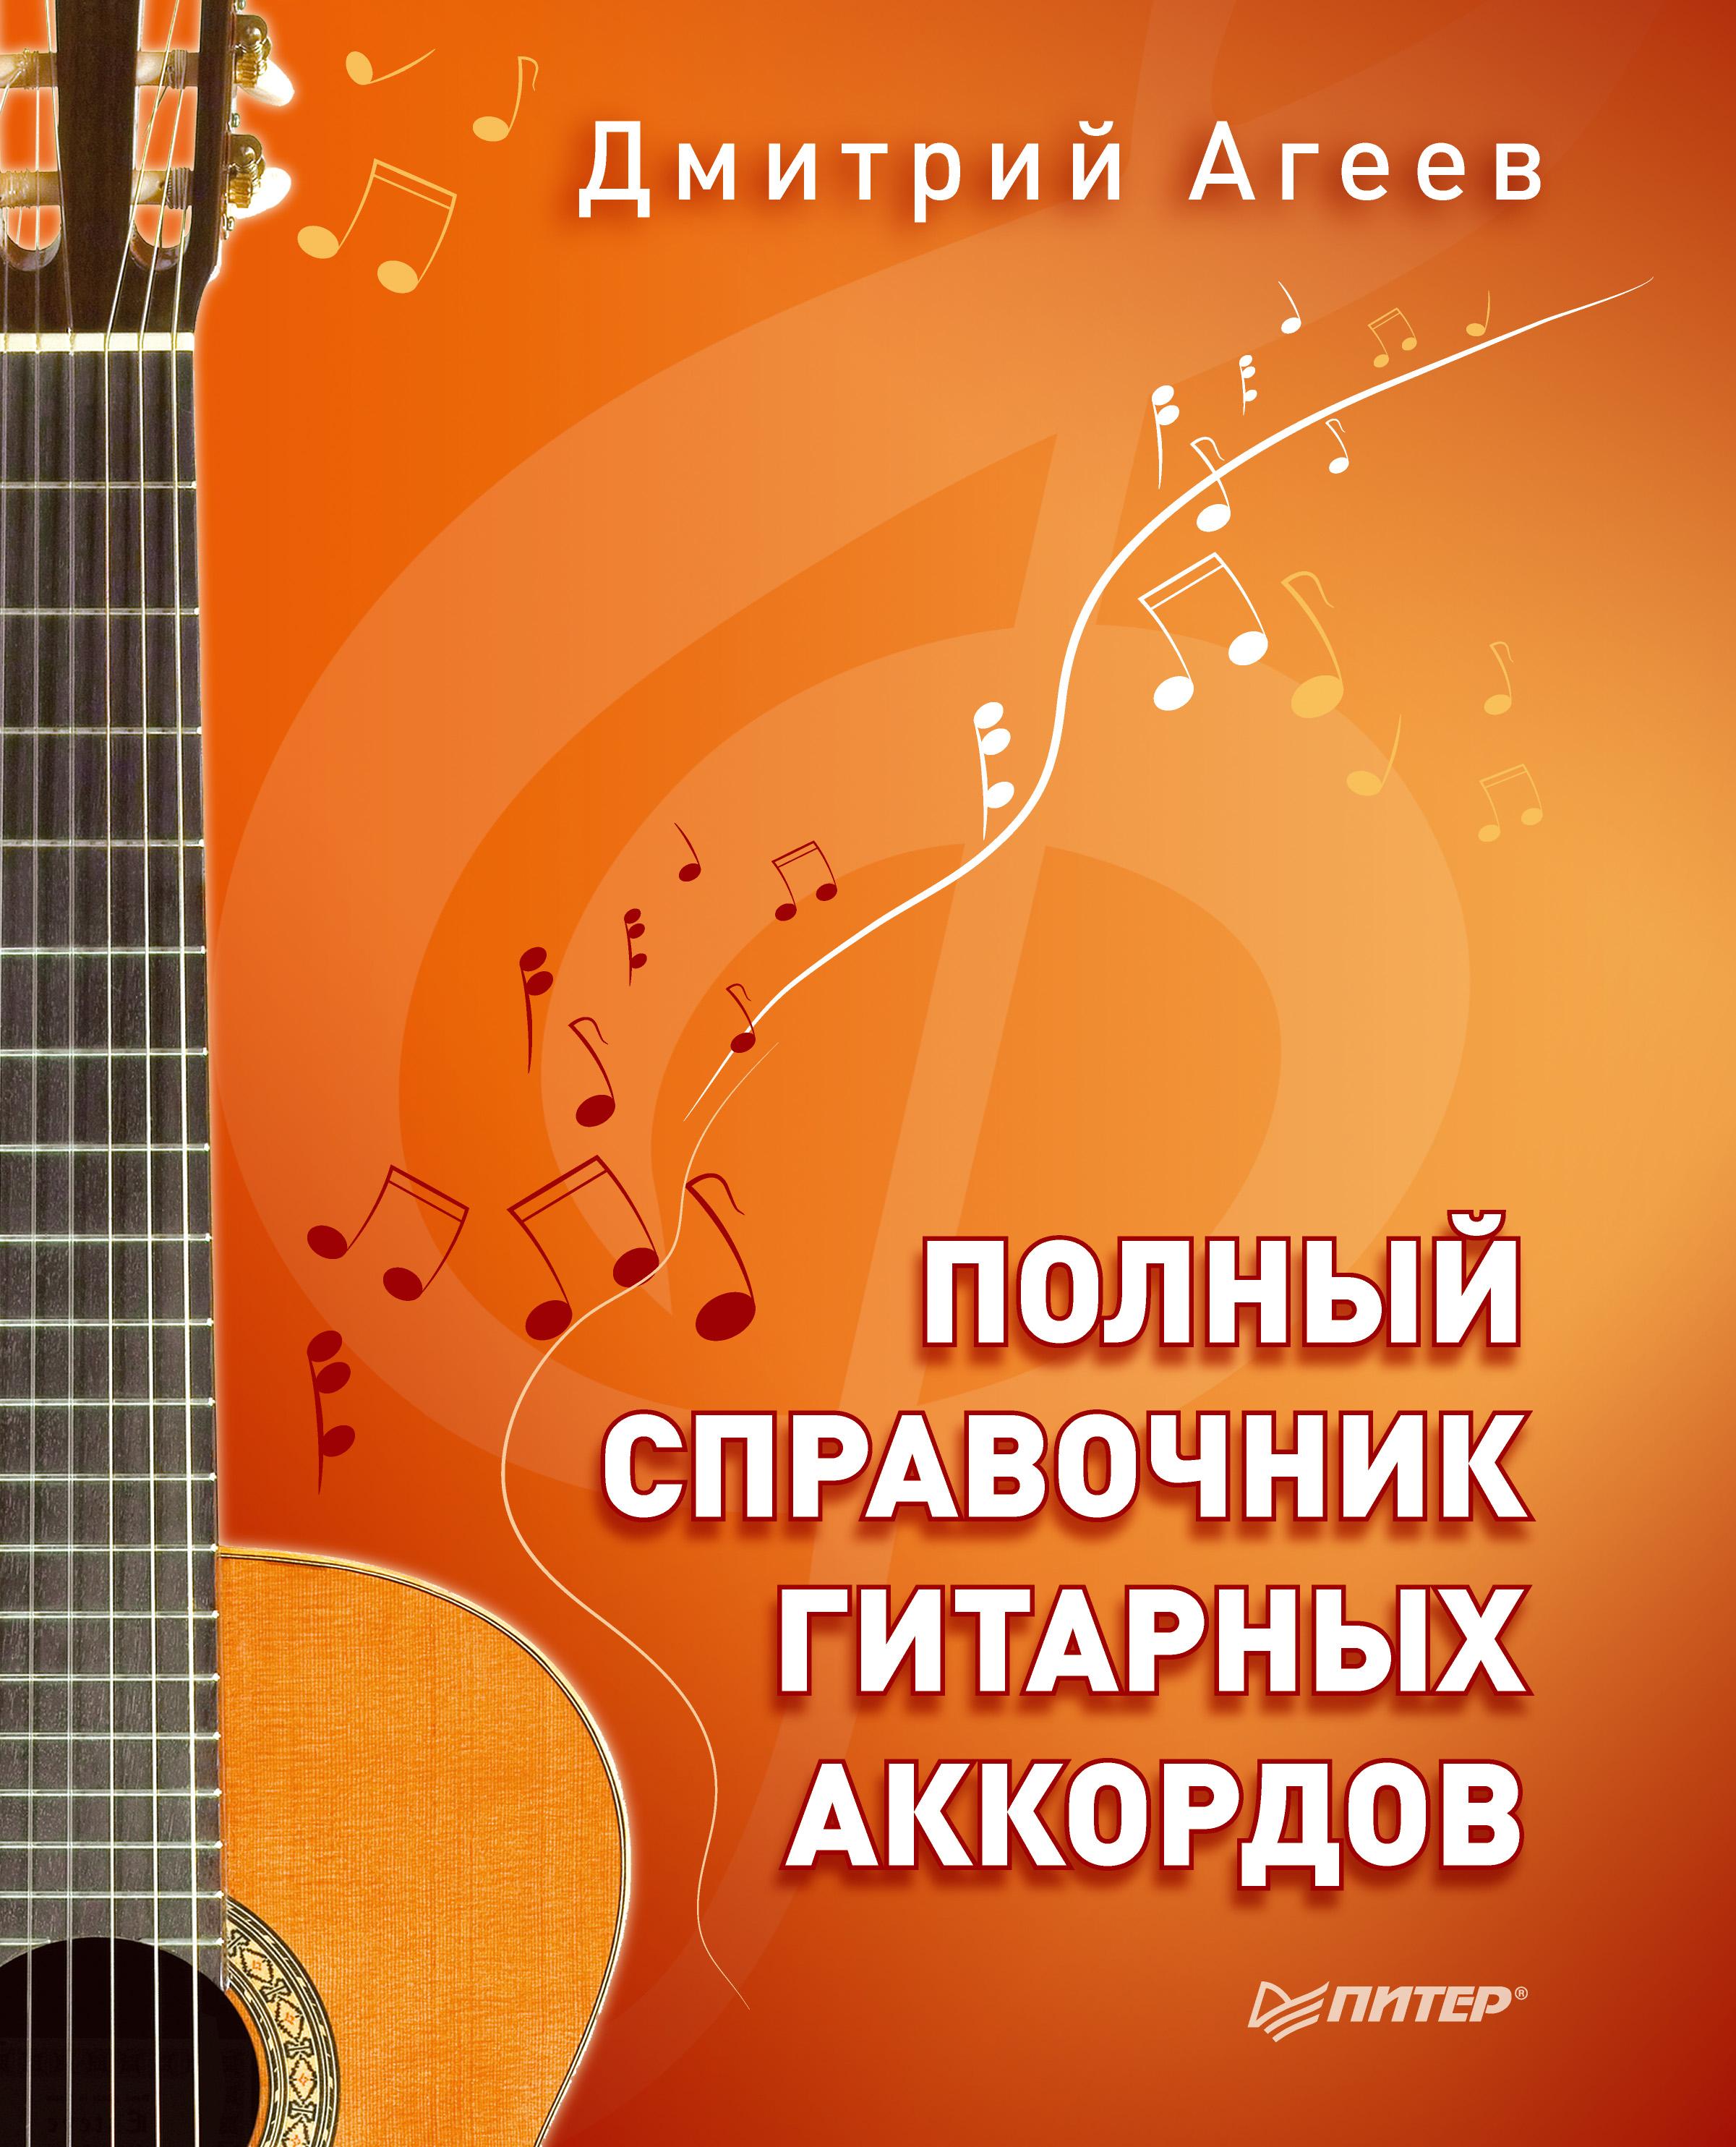 Дмитрий Агеев Полный справочник гитарных аккордов